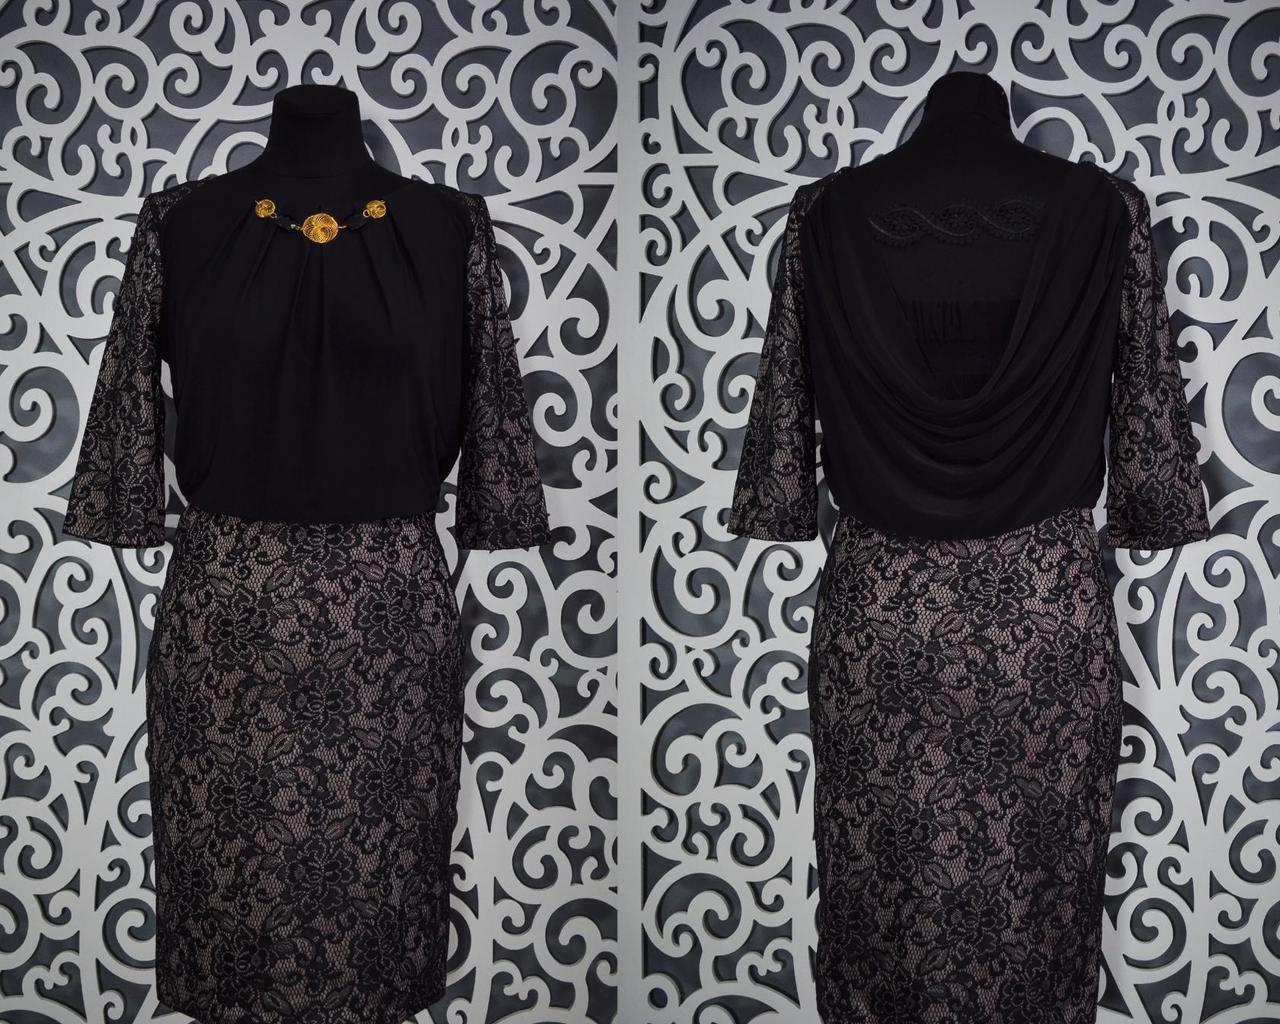 Шикарное женское платье набивное кружево на плотном стрейч коттоне 42 размер норма